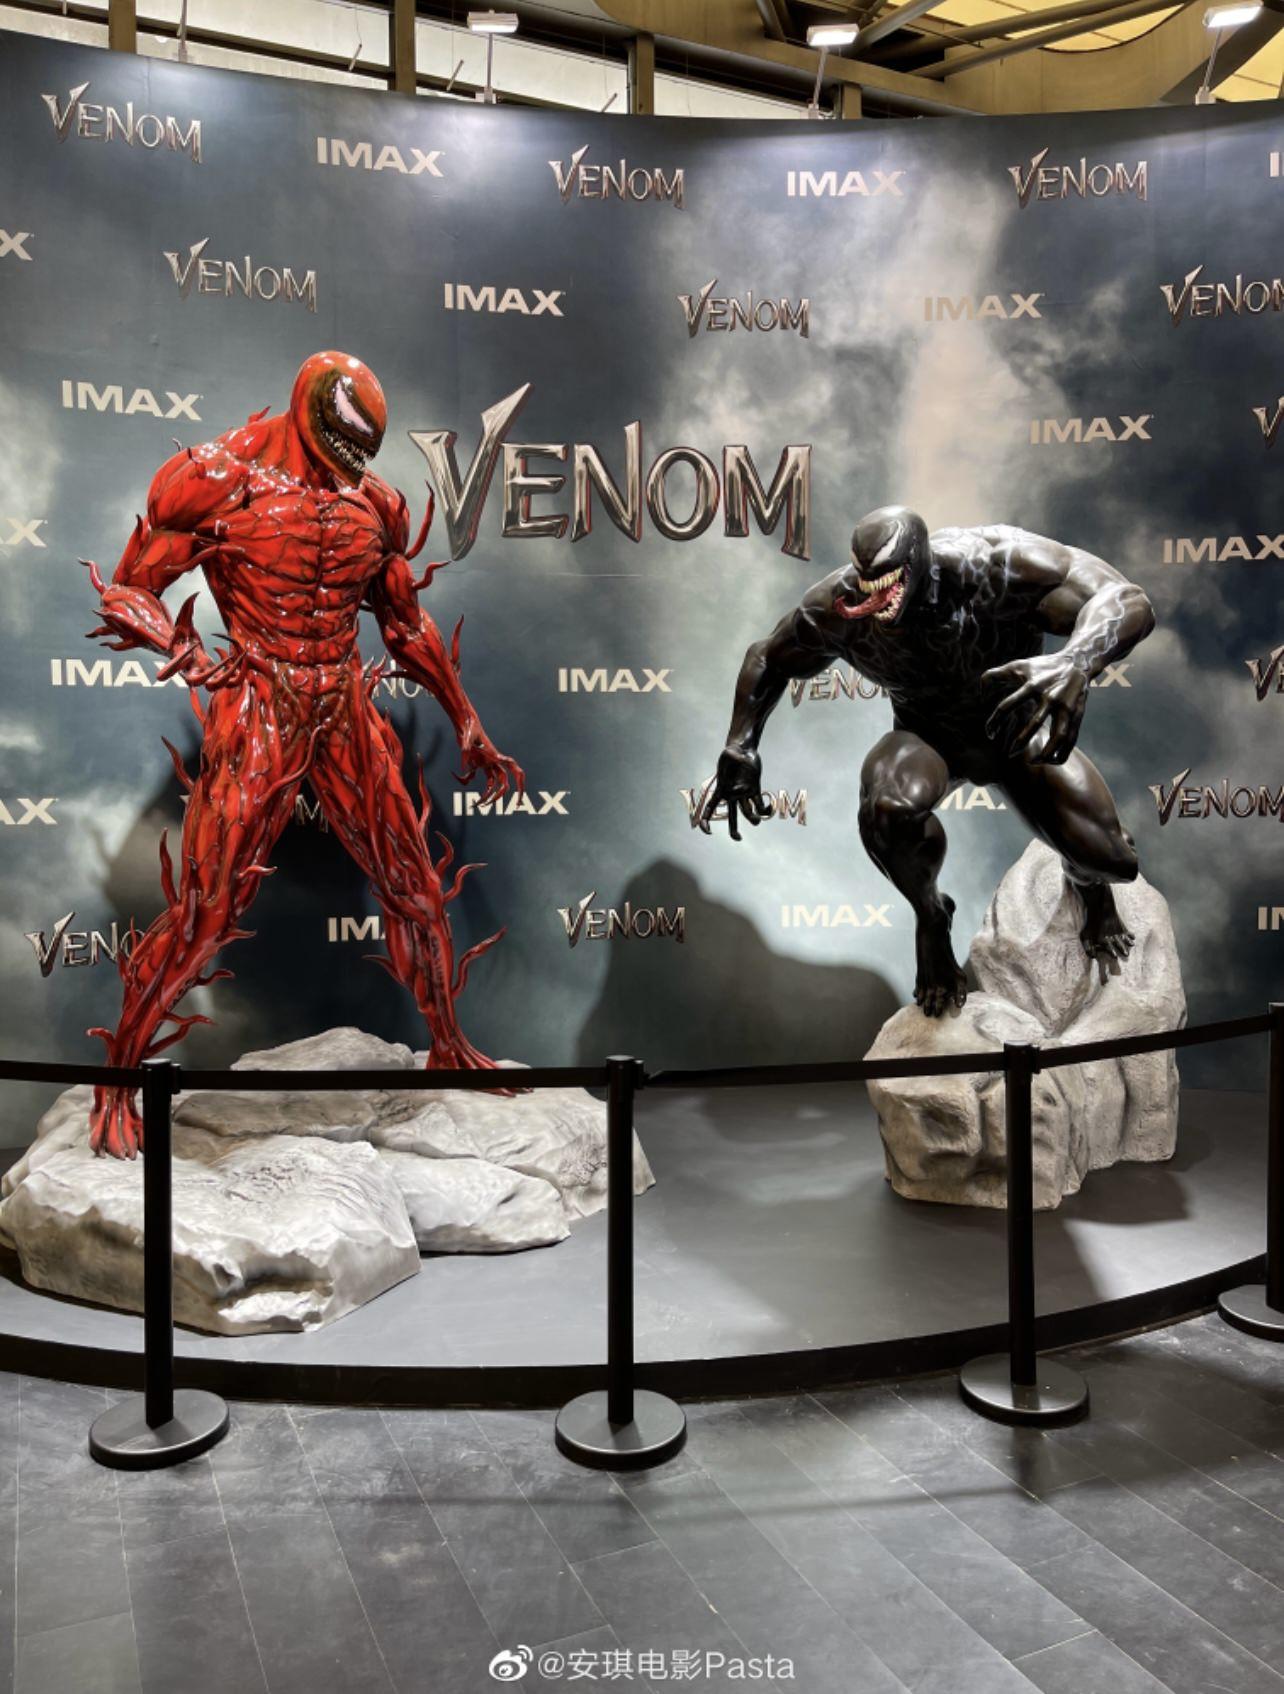 مجسمه ونوم و کارنیج فیلم Venom: Let There Be Carnage در سینماهای IMAX چین